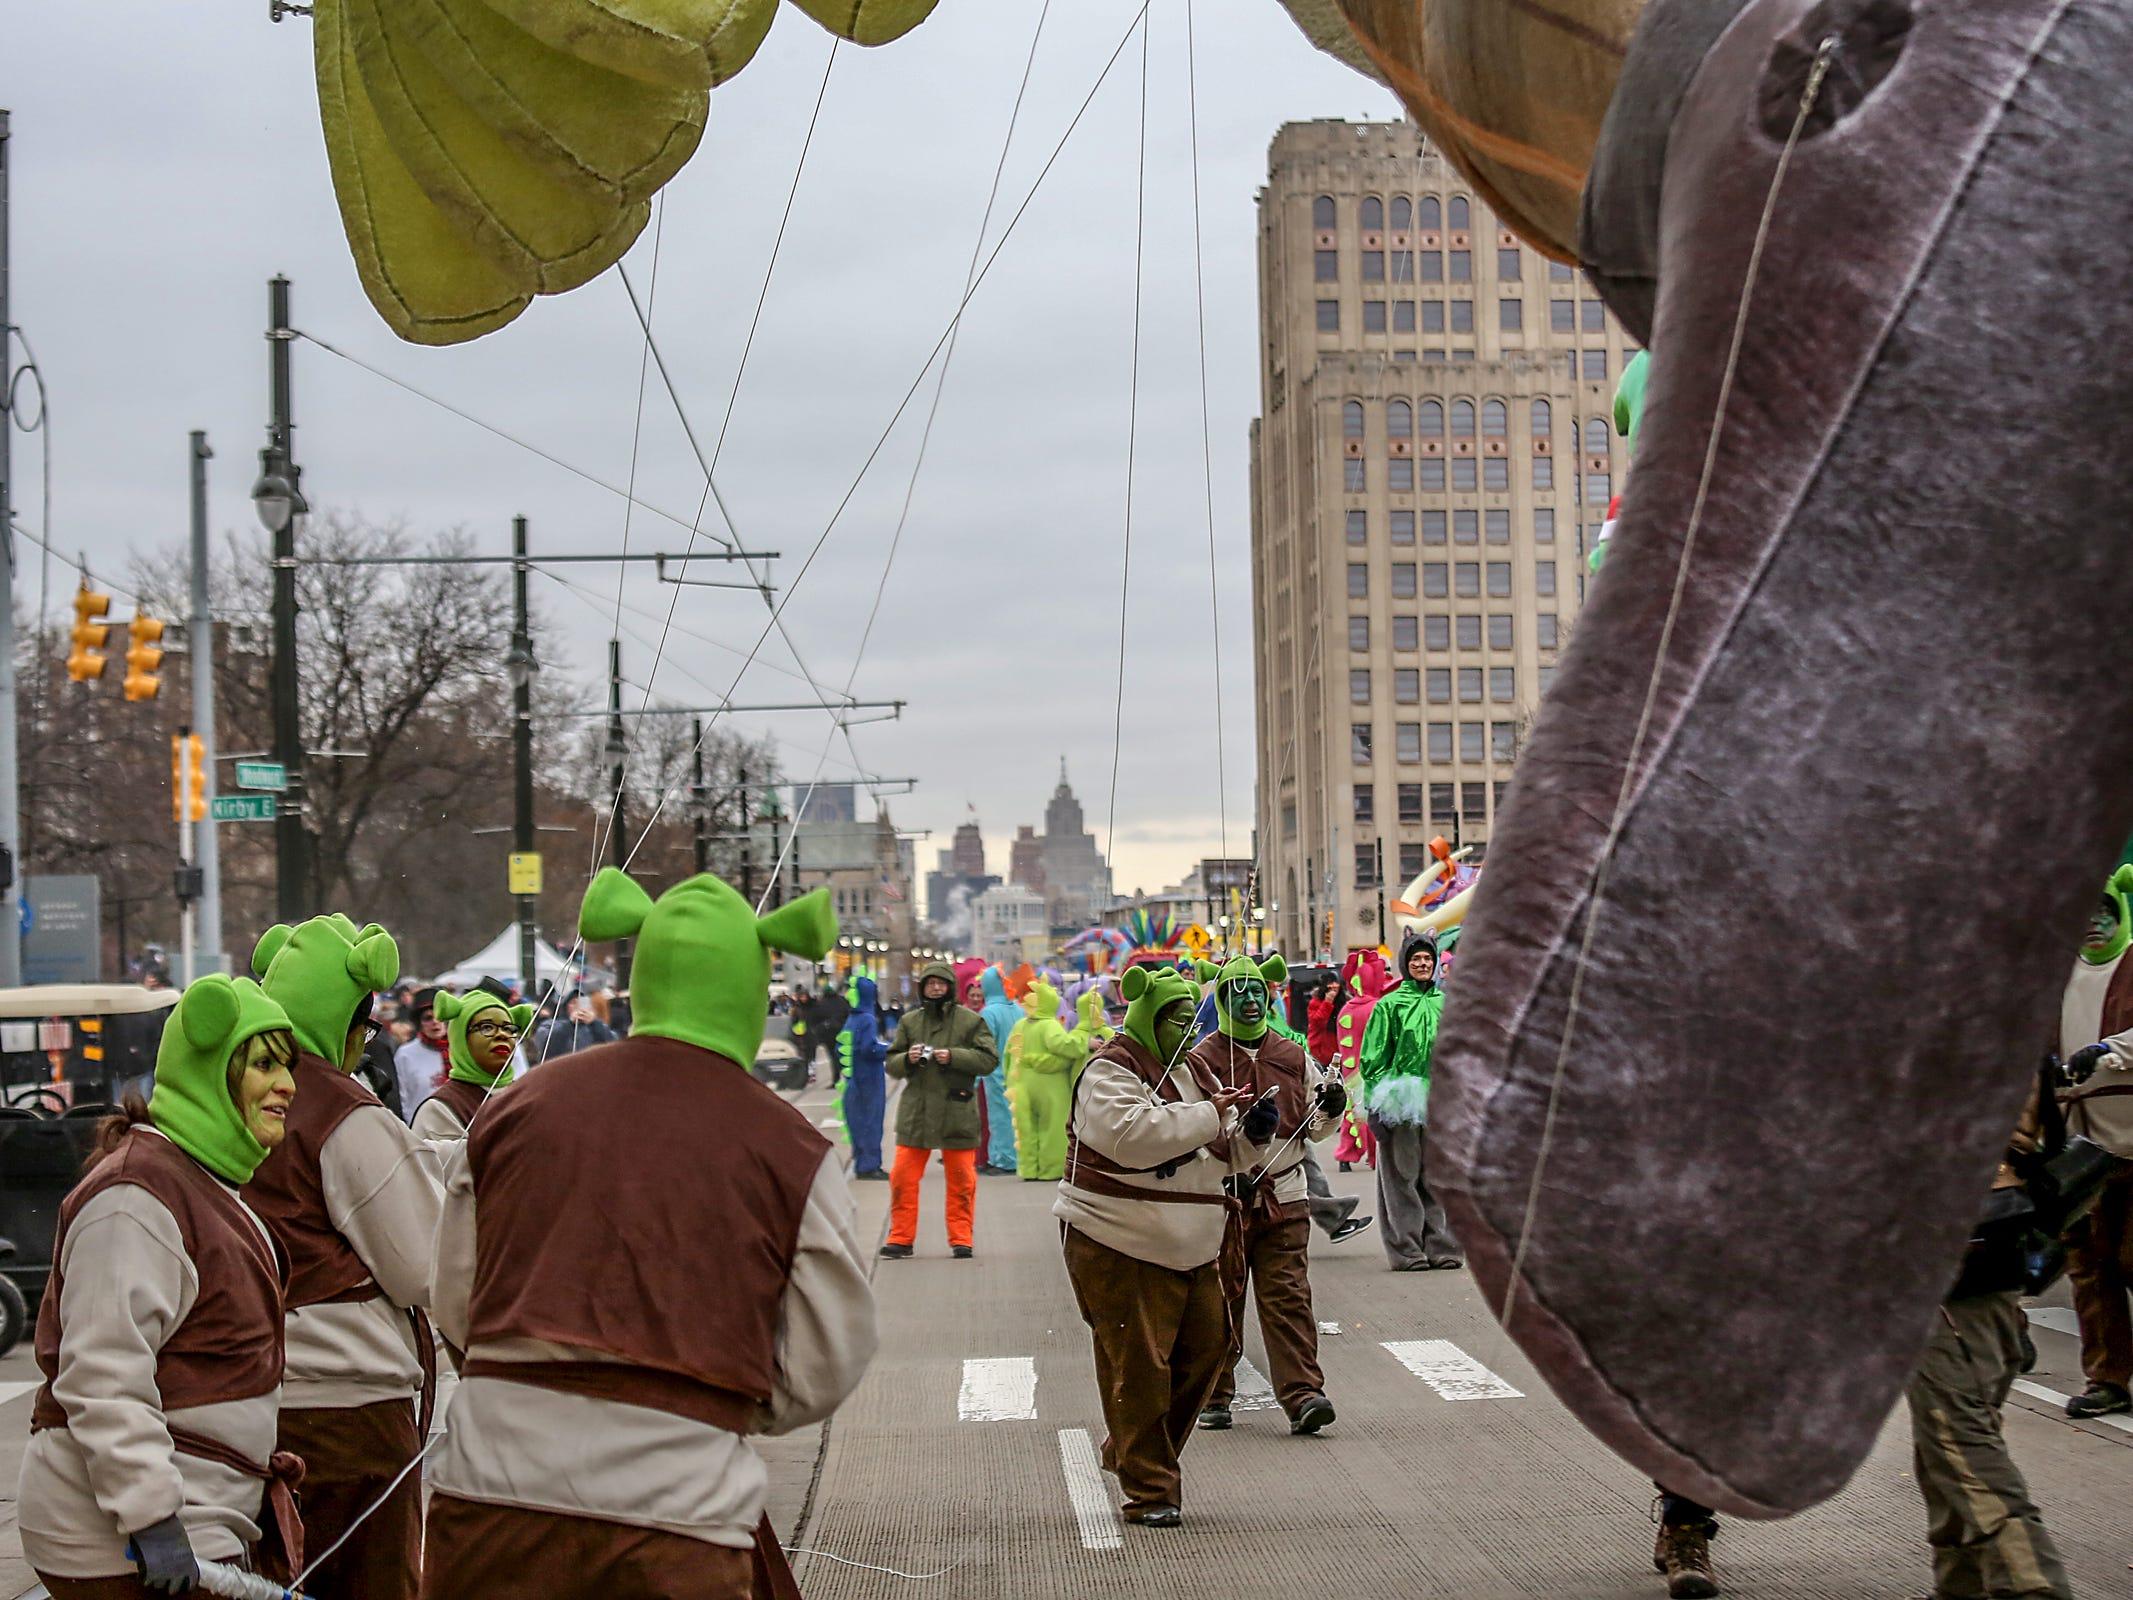 Shrek float handlers take a moment, during America's Thanksgiving Parade in Detroit on Thursday, Nov. 22, 2018.